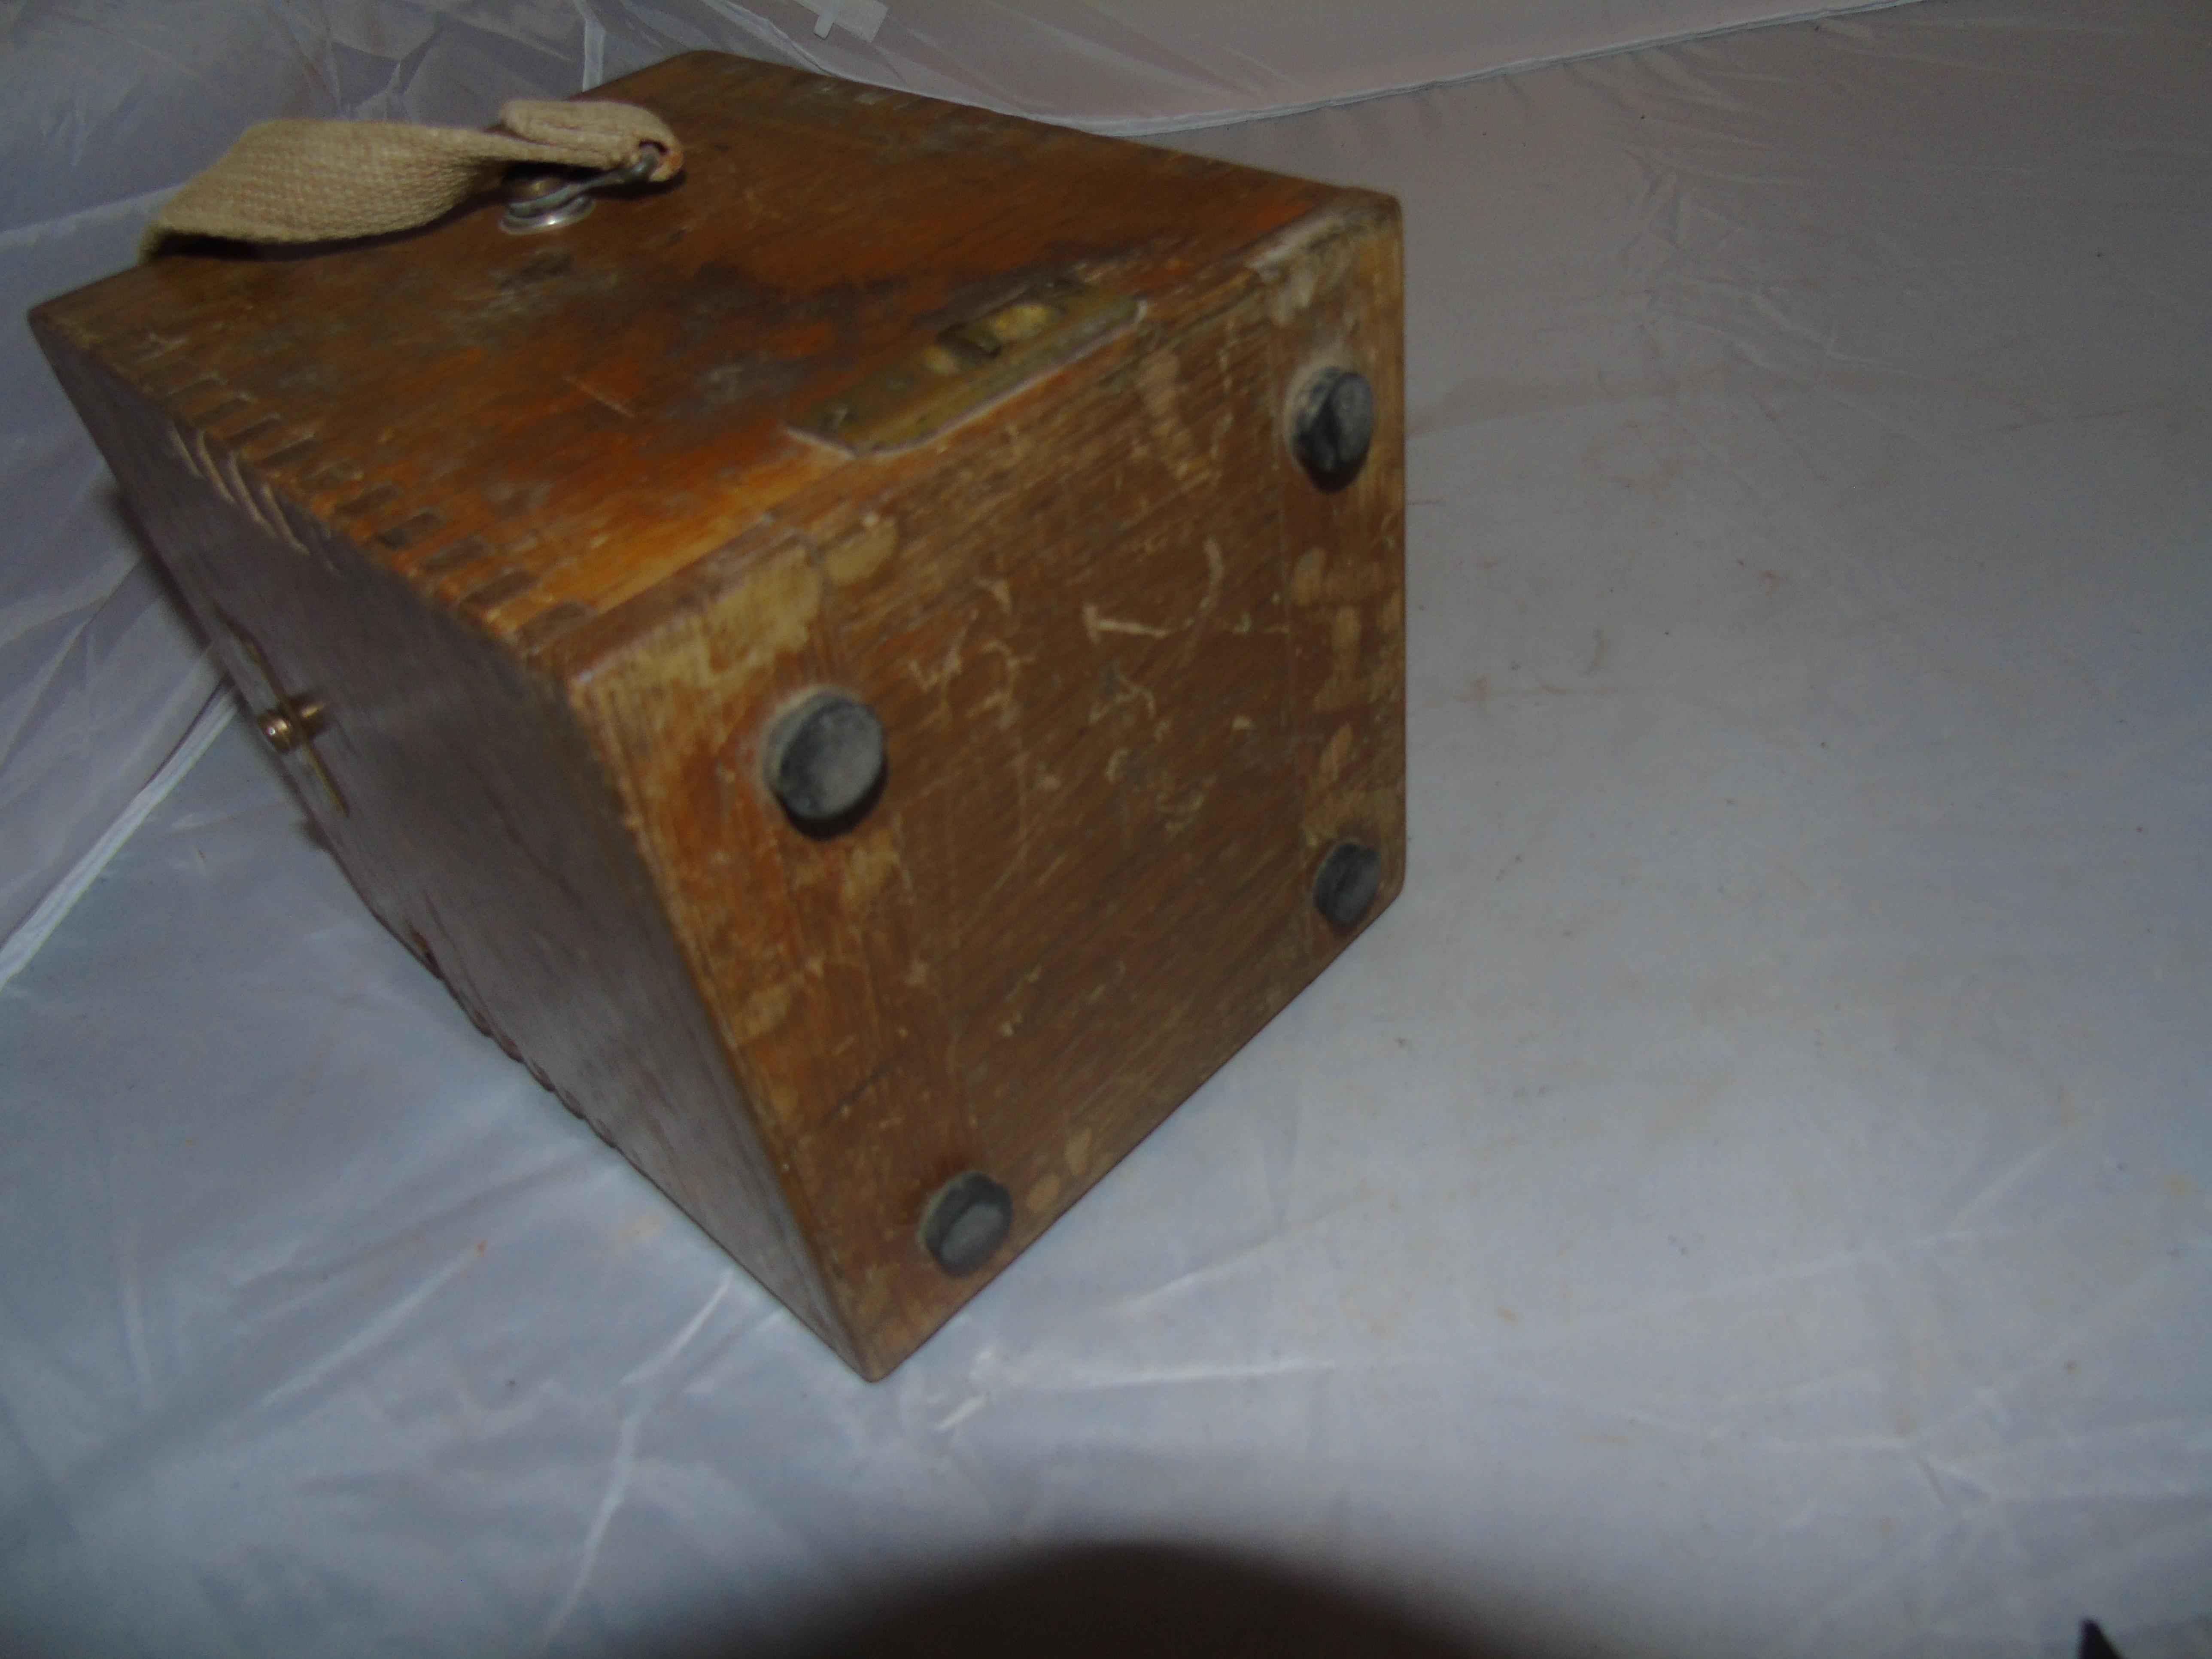 Lot 26 - VOLTAGE & INSULATION TEST METER OAK DOVETAIL BOX A/F EST [£20-£40]